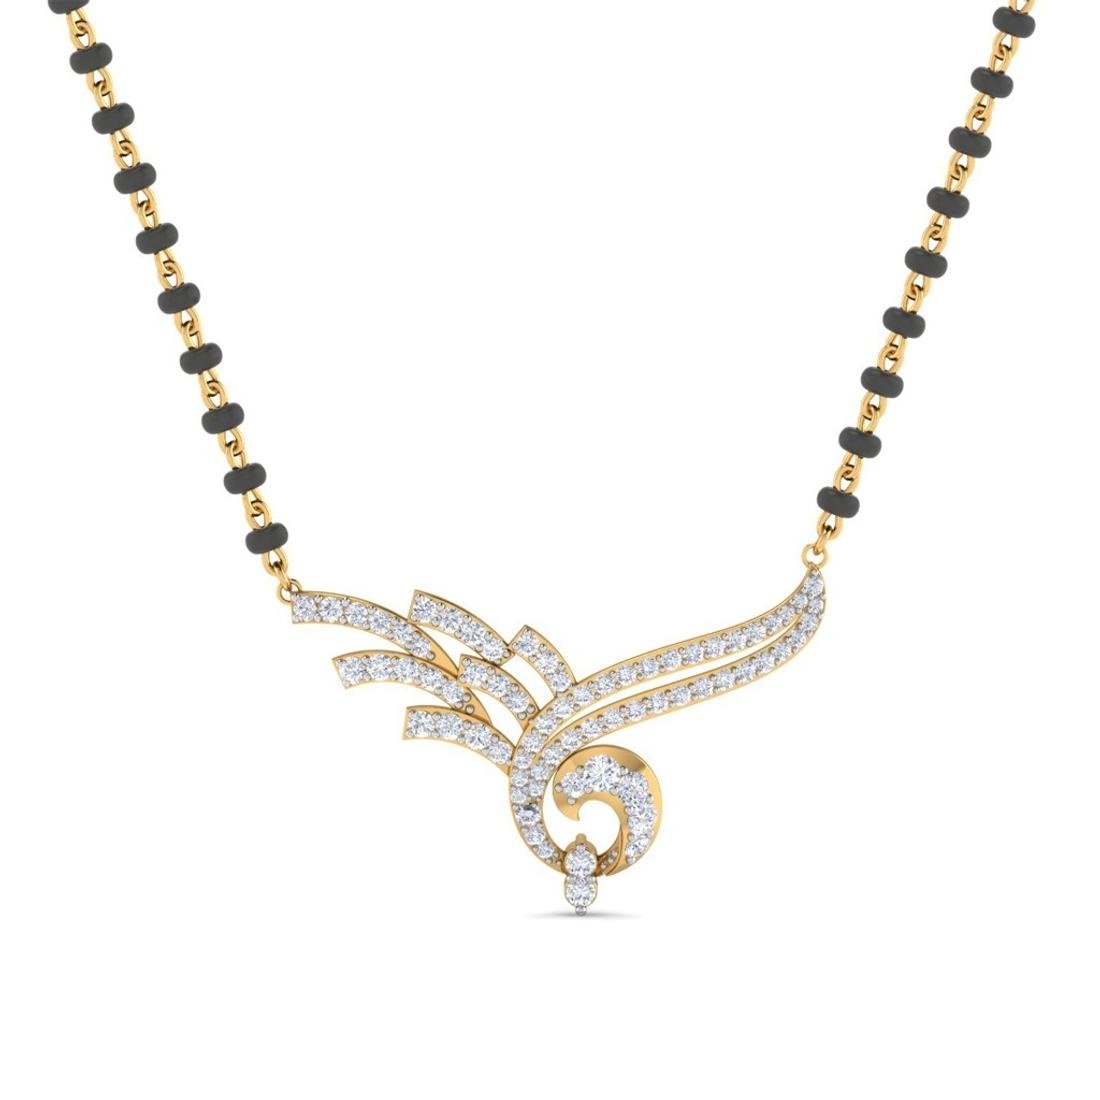 Sarvada Jewels' The Sagun Mangalsutra